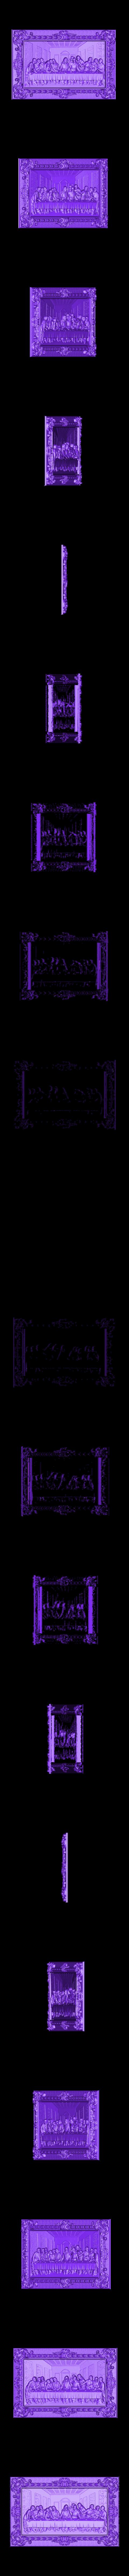 21.stl Télécharger fichier STL gratuit Le dernier dîner La Cène de vinci • Design pour impression 3D, 3DPrinterFiles